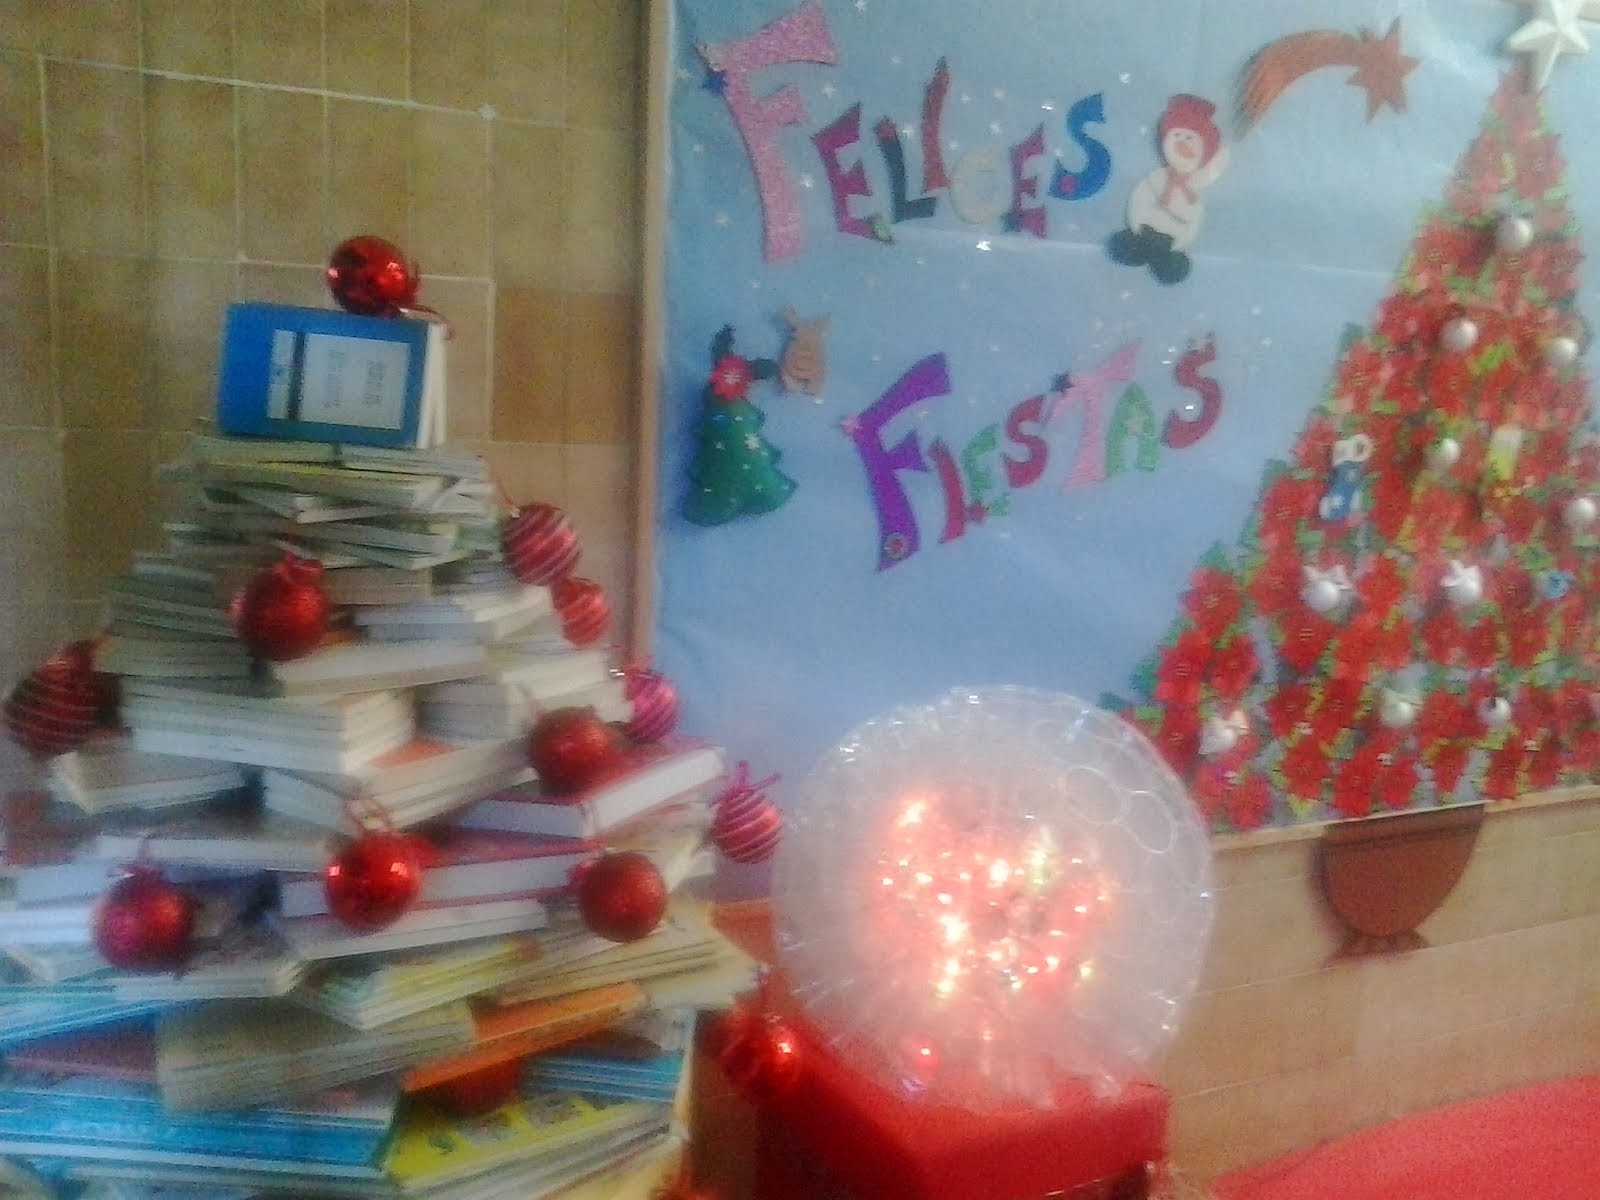 Feliz Navidad y próspero 2014